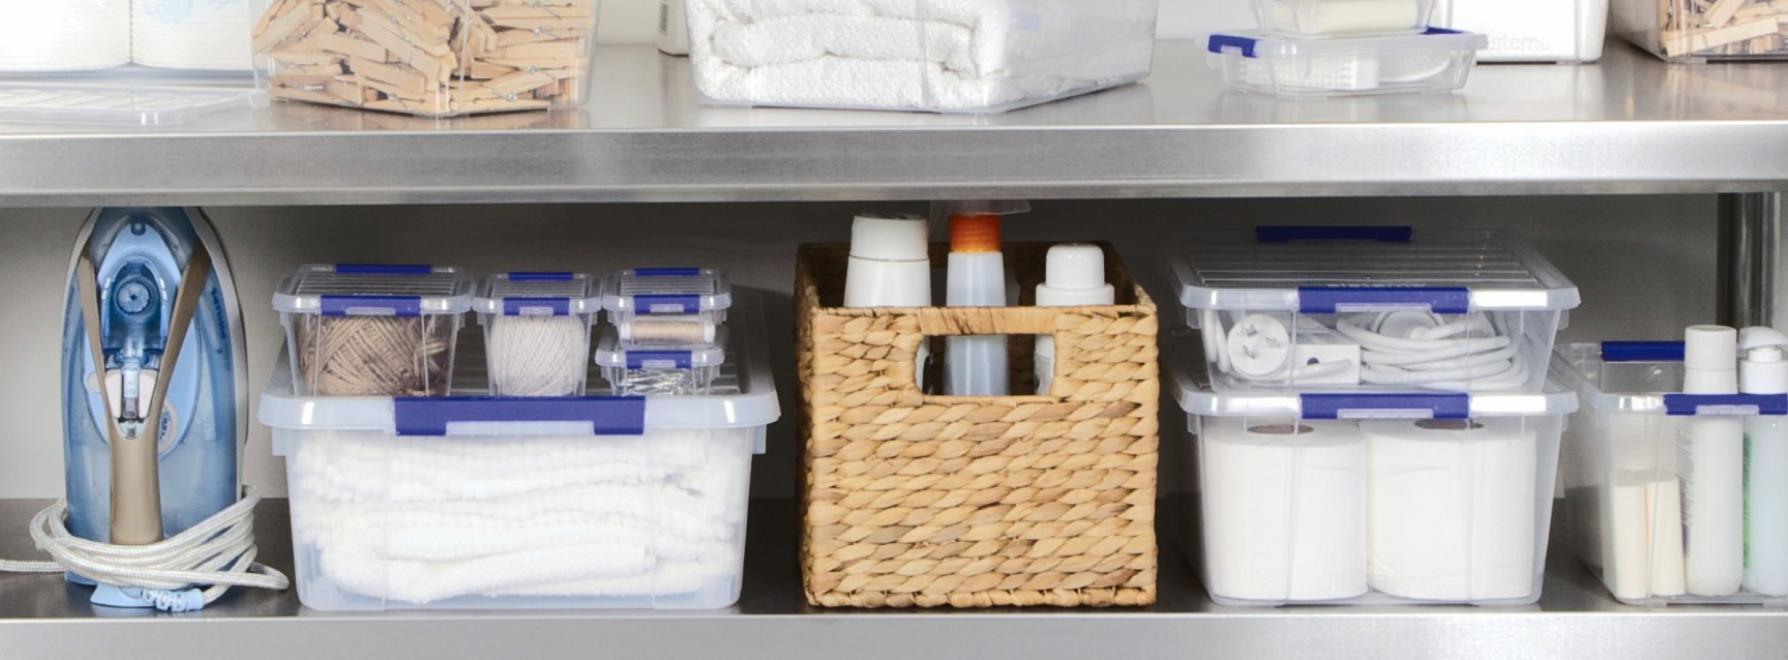 Storage - универсальные контейнеры различных форм и размеров